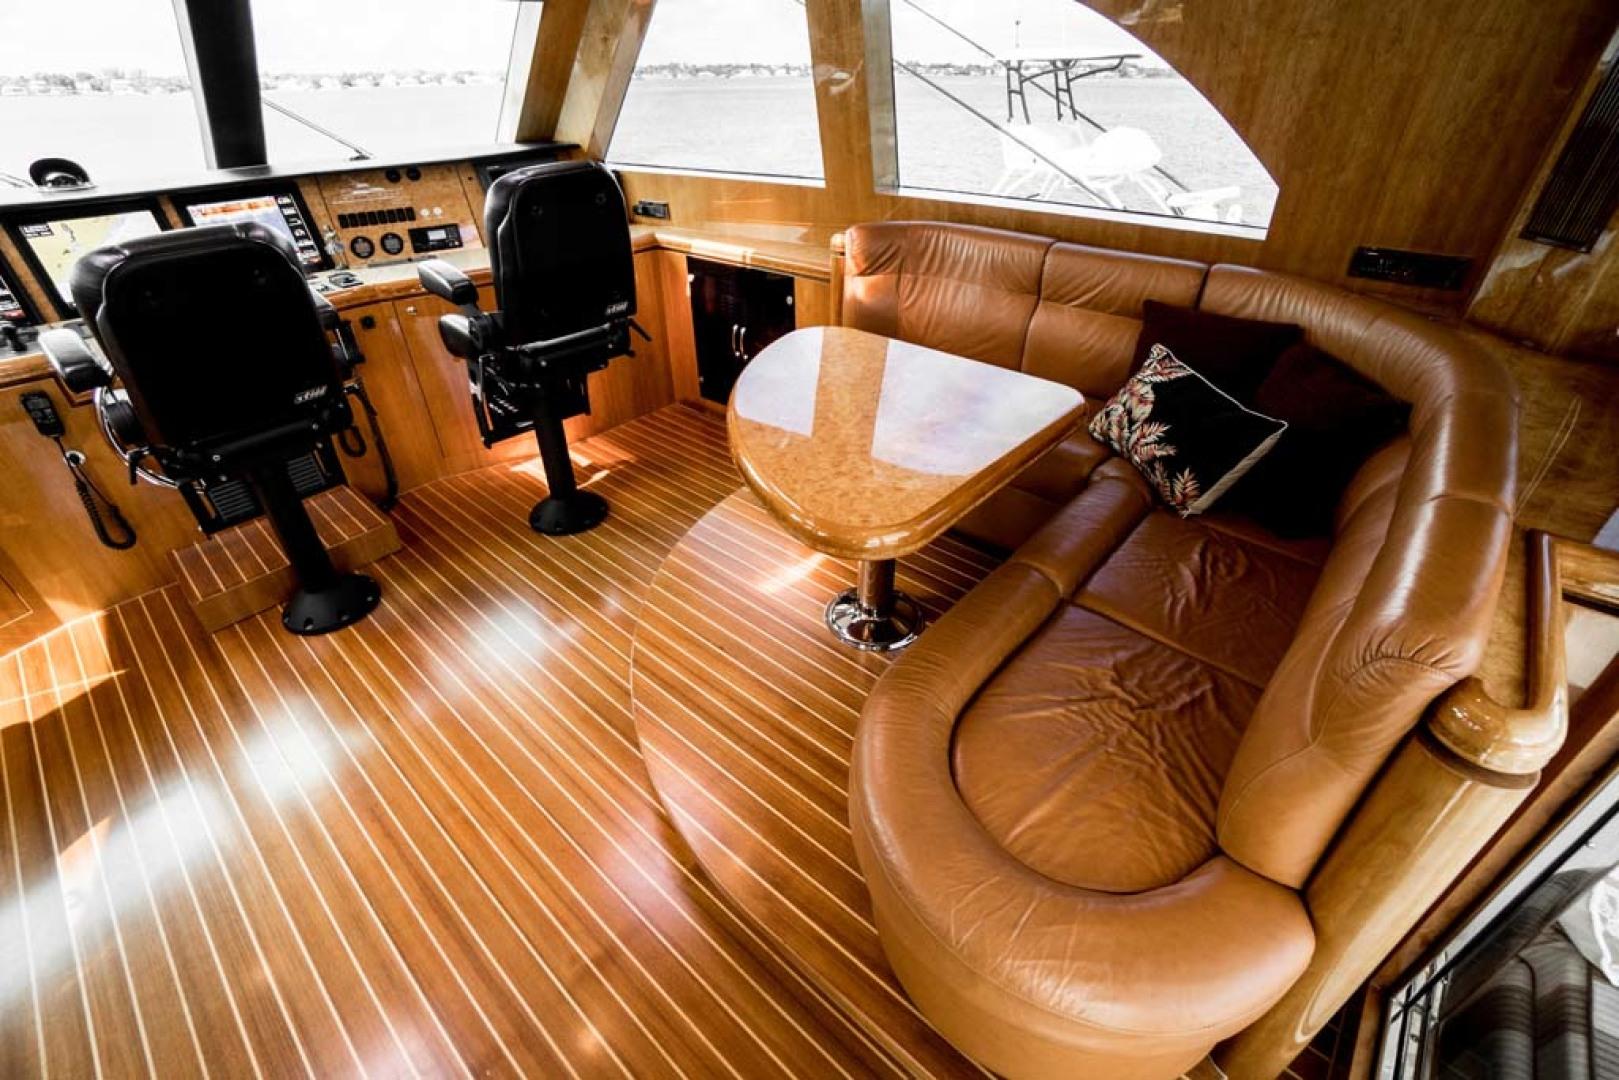 Horizon-Cockpit-Motor-Yacht-2008-Liberation-Stuart-Florida-United-States-Pilothouse-1075340